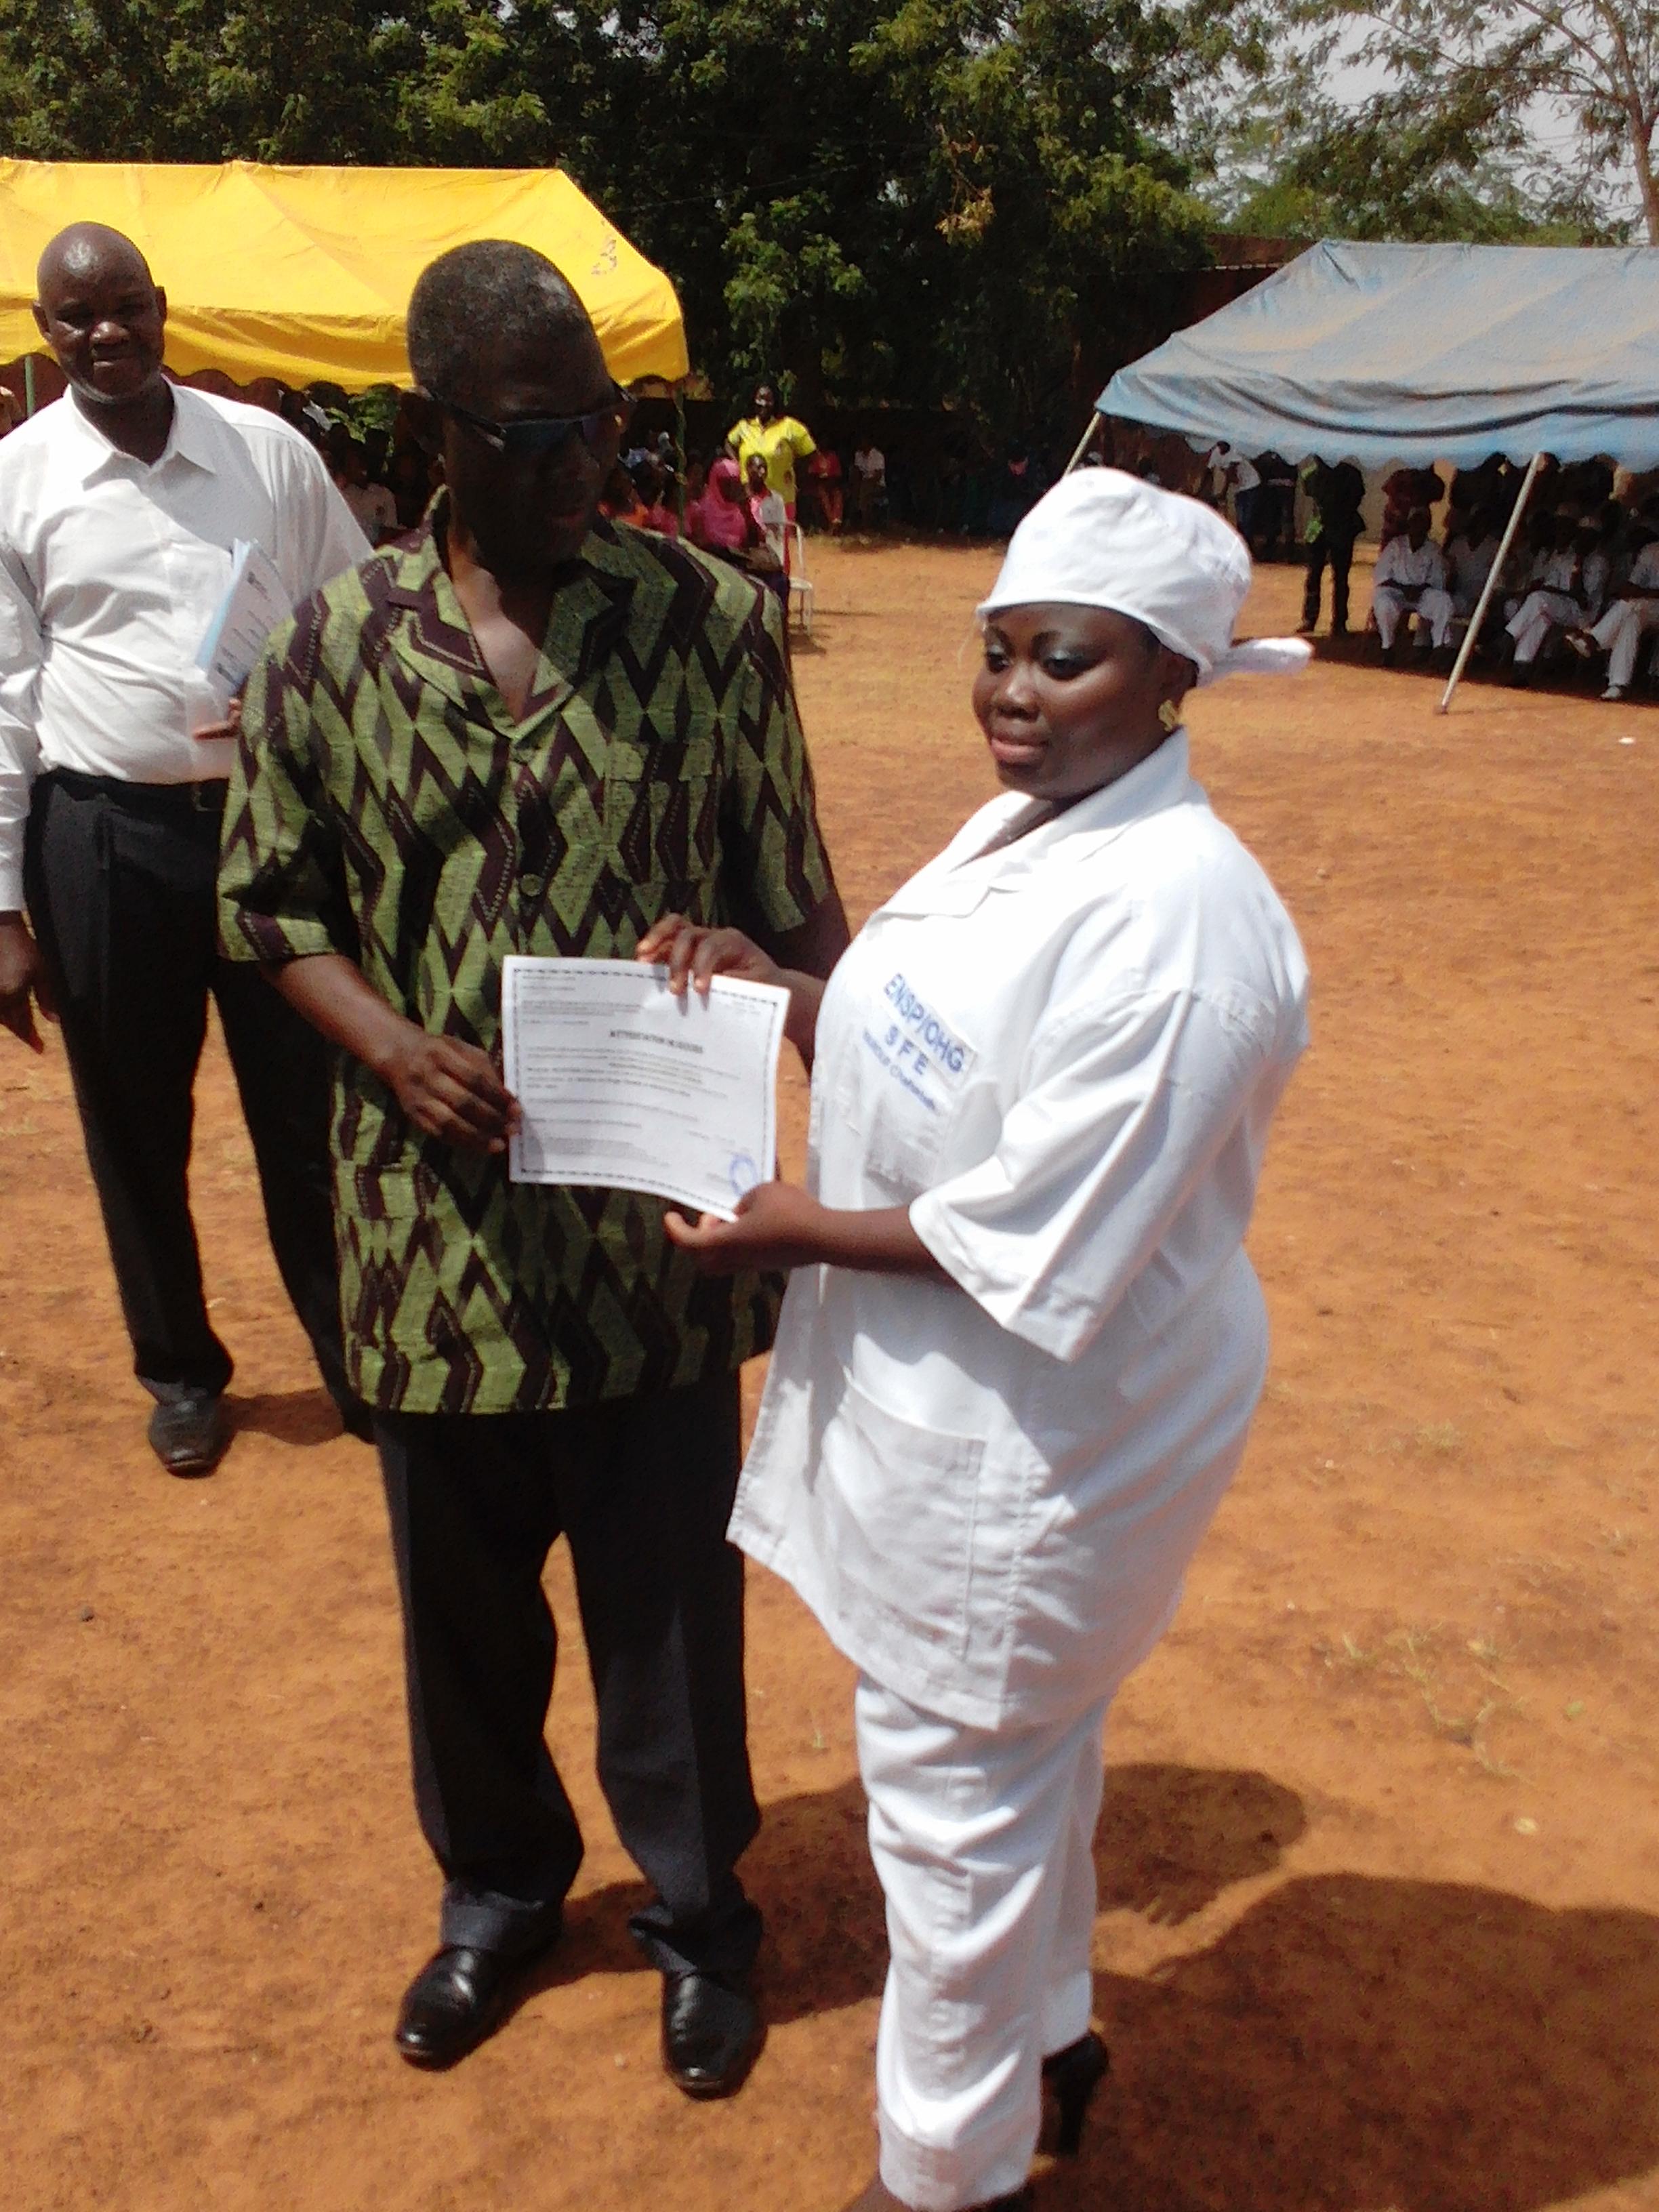 Le gouverneur remettant une                               attestation au major des sages femmes, de nationalité béninoise.